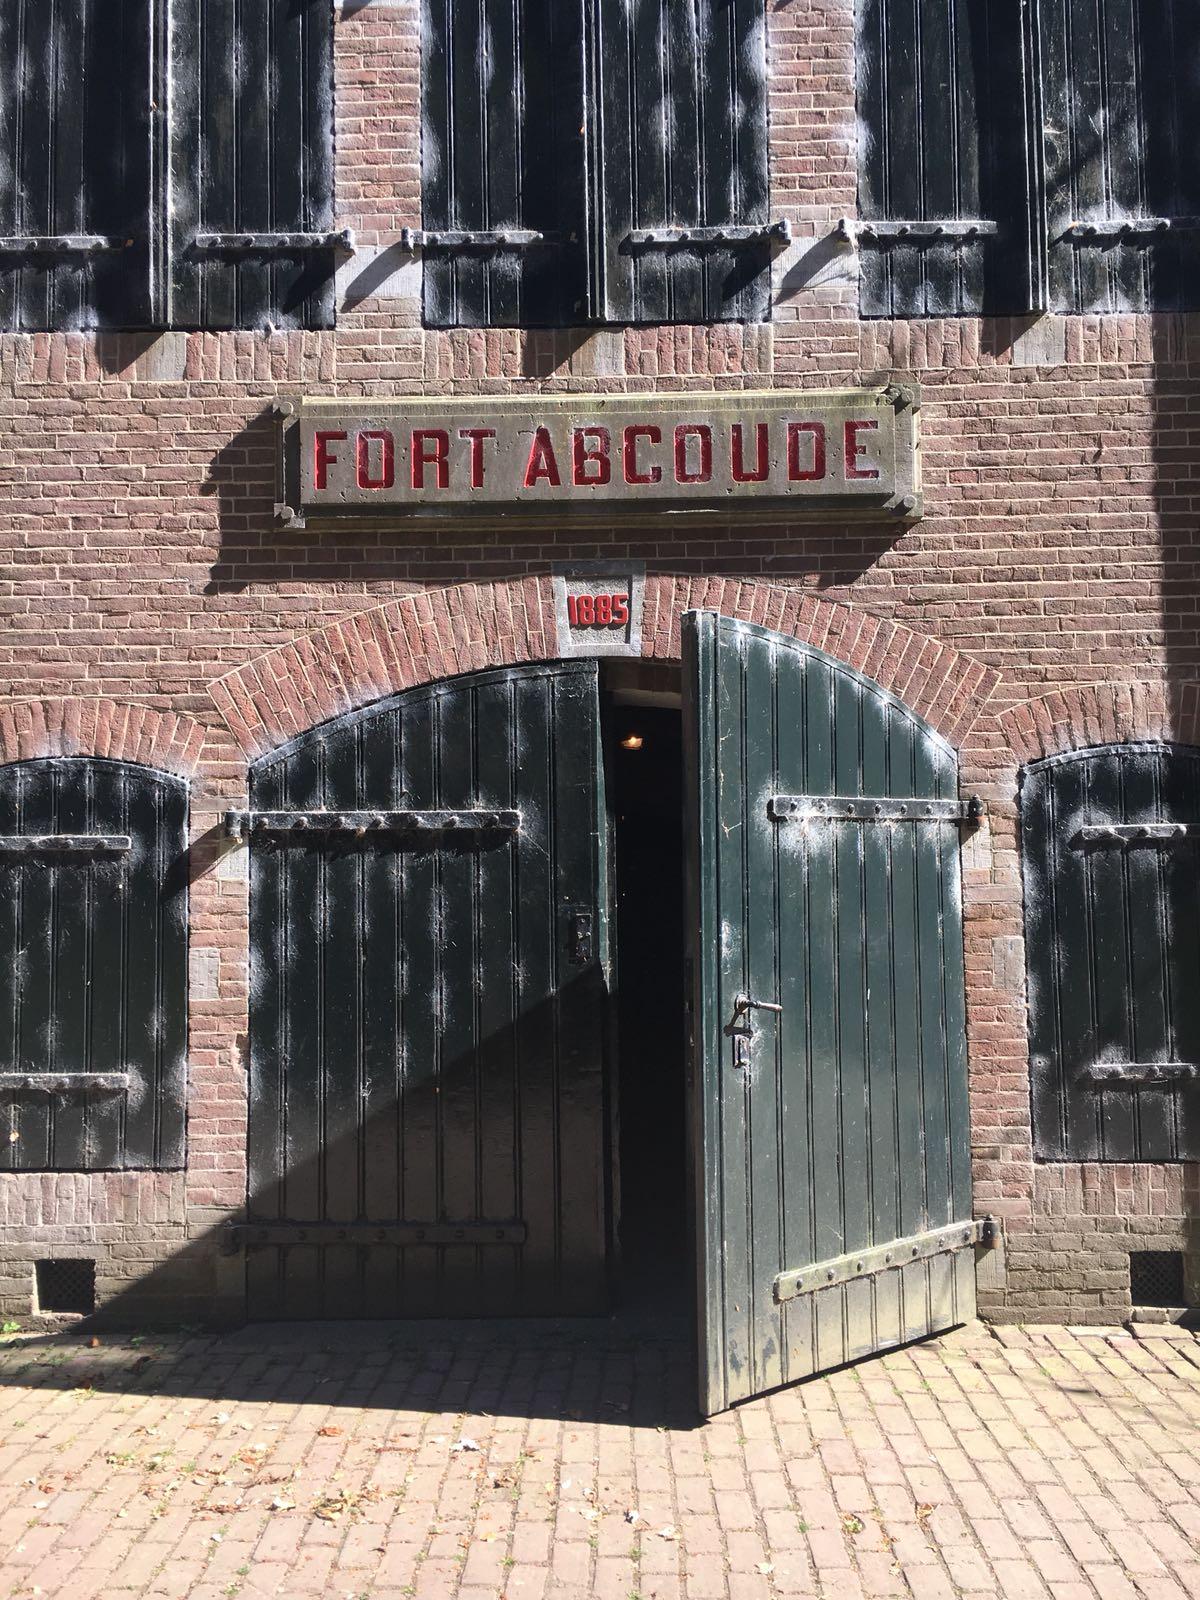 Wie zijn wij? - Wij zijn de ondernemers van 'Kool Geit Wolf'. Wij bieden bijzondere belevingen in en op het Fort Abcoude. Wij openen ook een proeflokaal waarin we de bijzondere producten van ondernemers uit de buurt van Abcoude in het bijzonder onder de aandacht willen brengen. De deuren op het Fort bij Abcoude zijn de afgelopen tijd veel open geweest. Wij zijn blij verrast met de hoeveelheid spontane en nieuwsgierige bezoekers uit Abcoude en omgeving.Wil je op de hoogte blijven van de ontwikkelingen op het Fort bij Abcoude, meld je aan voor de nieuwsbrief! Deze kun je helemaal onderaan de website vinden.